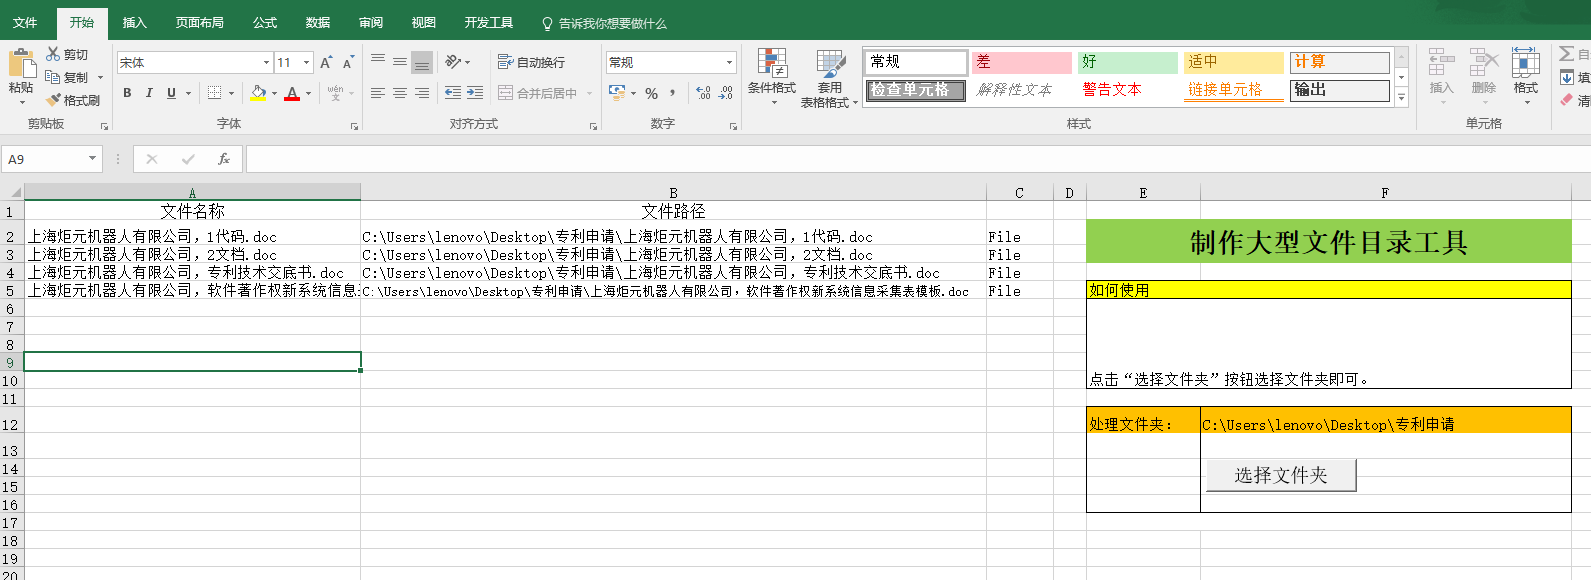 上海炬元 白领机器人制造商  Excel文件批量替换文本